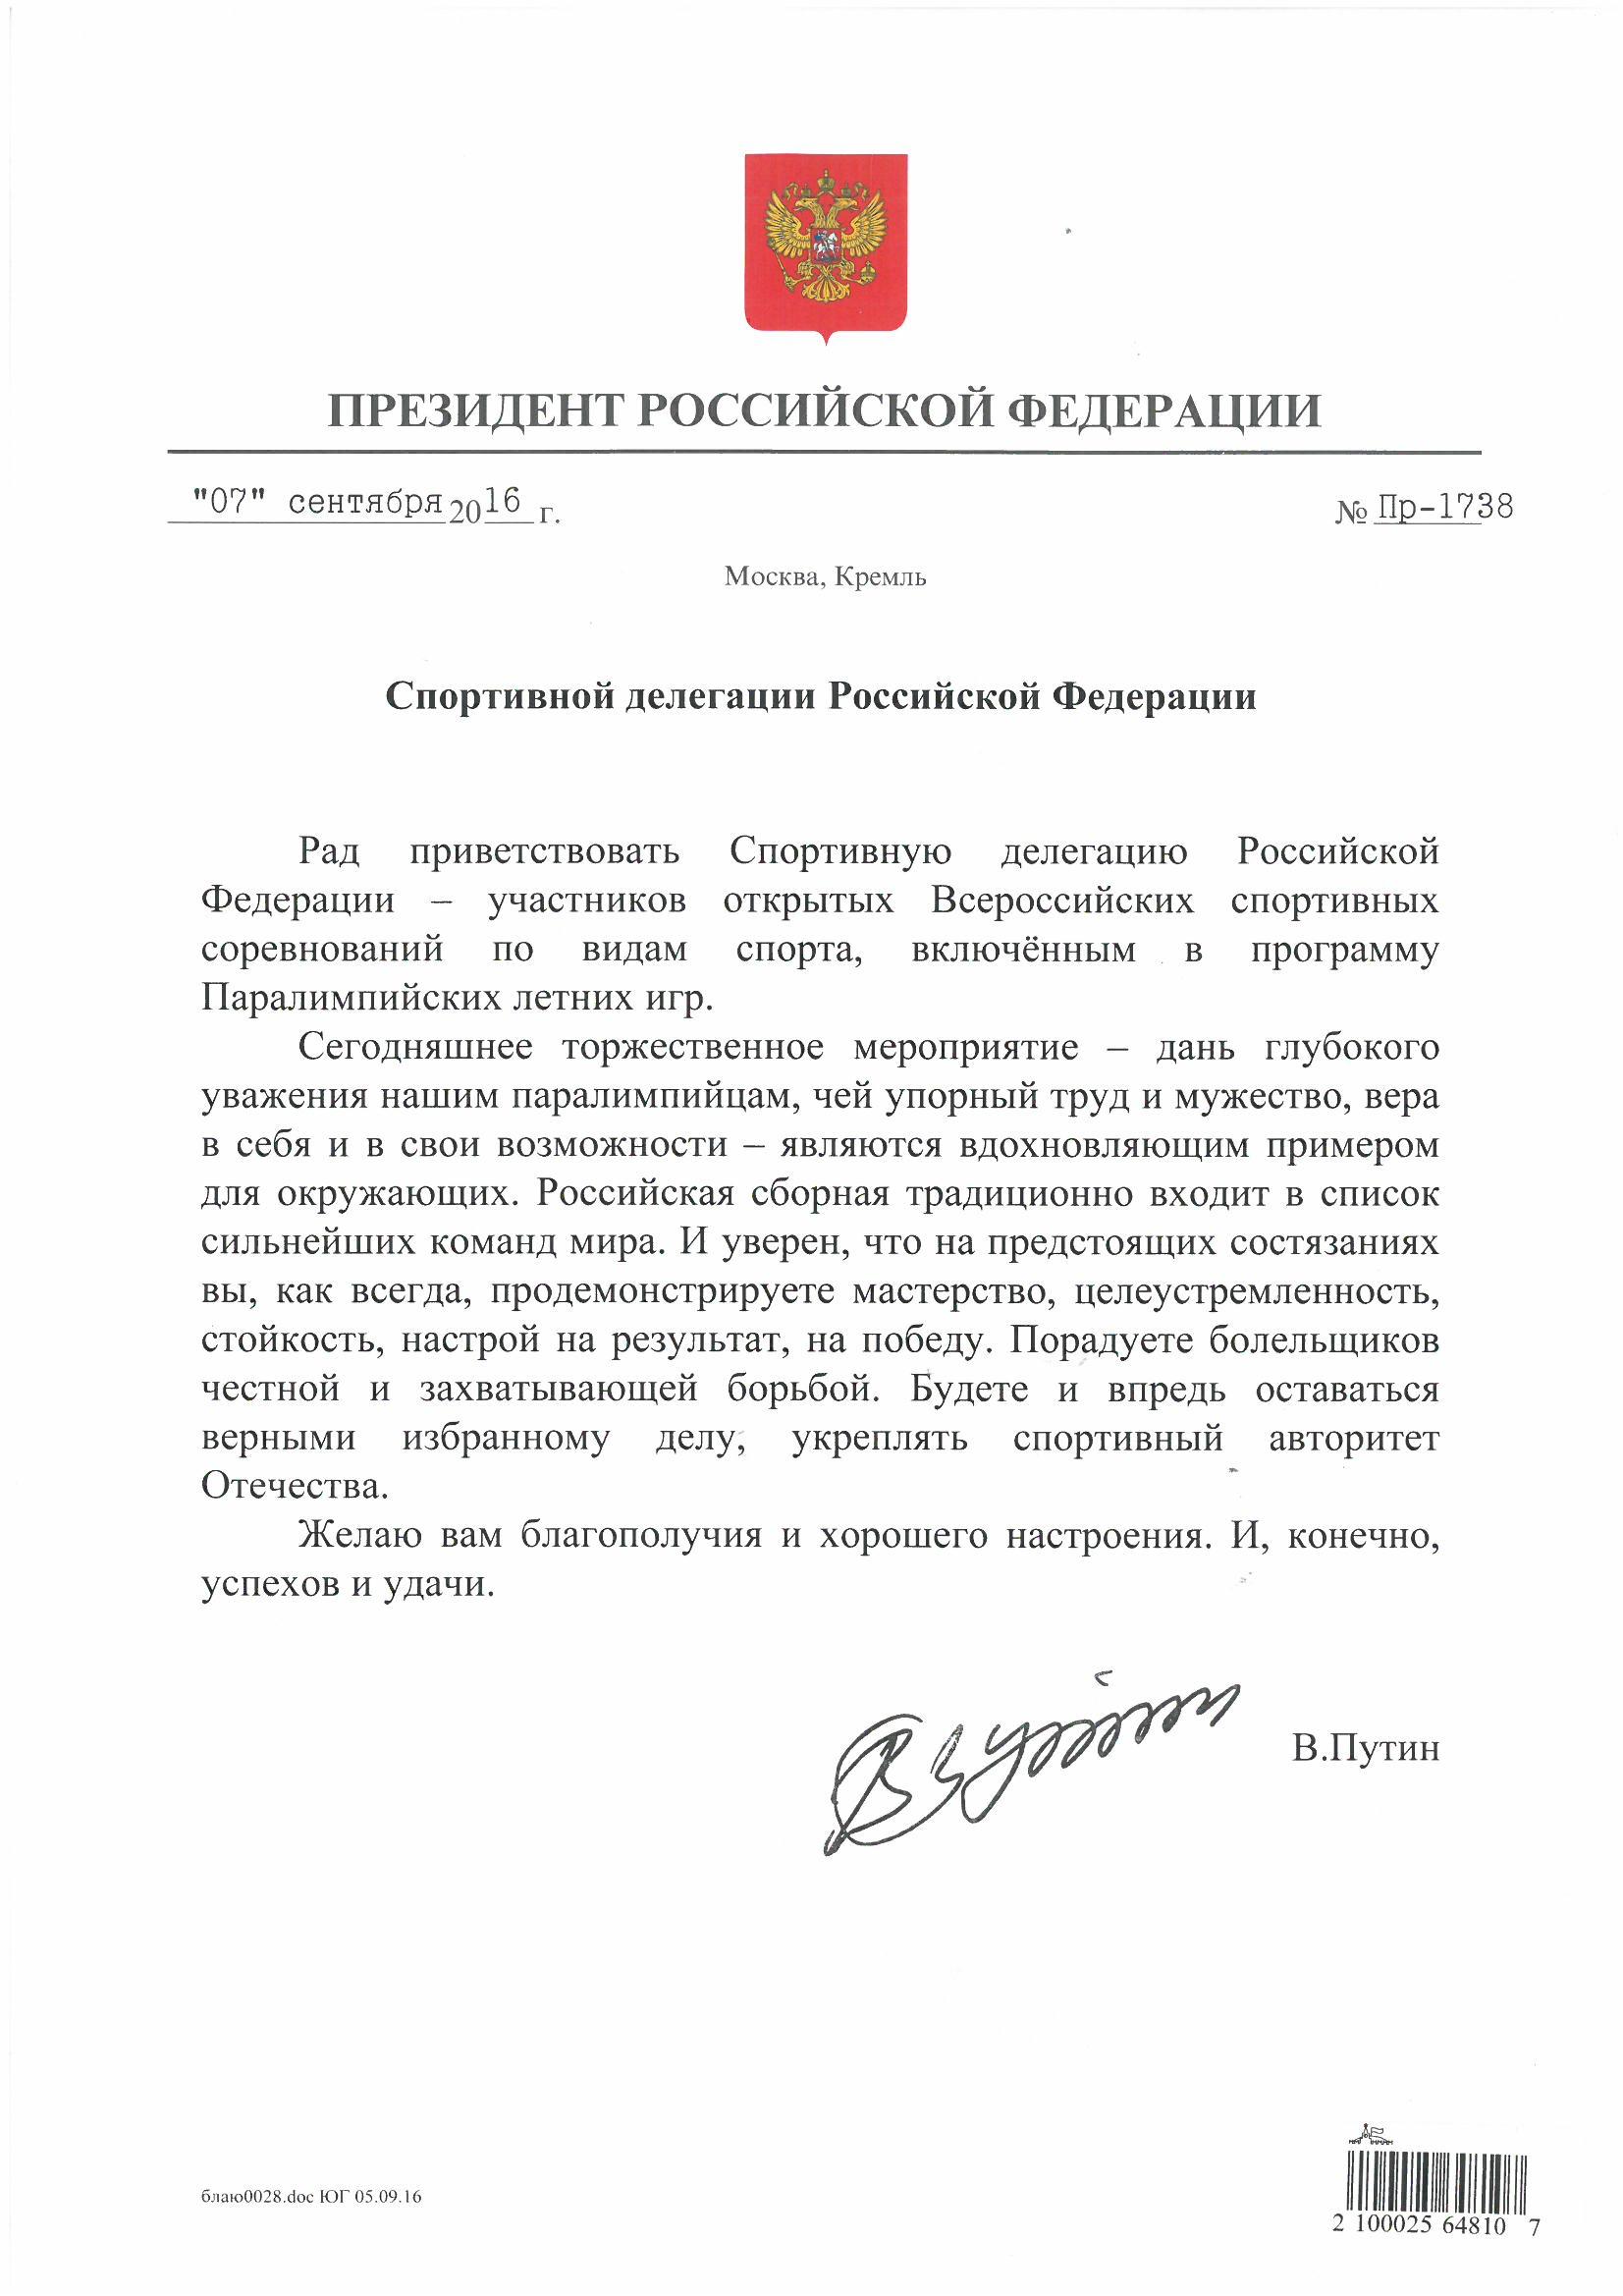 Приветствие Президента РФ В.В. Путина спортивной делегации РФ - участникам открытых Всероссийских соревнований по видам спорта, включенным в программу ПИ